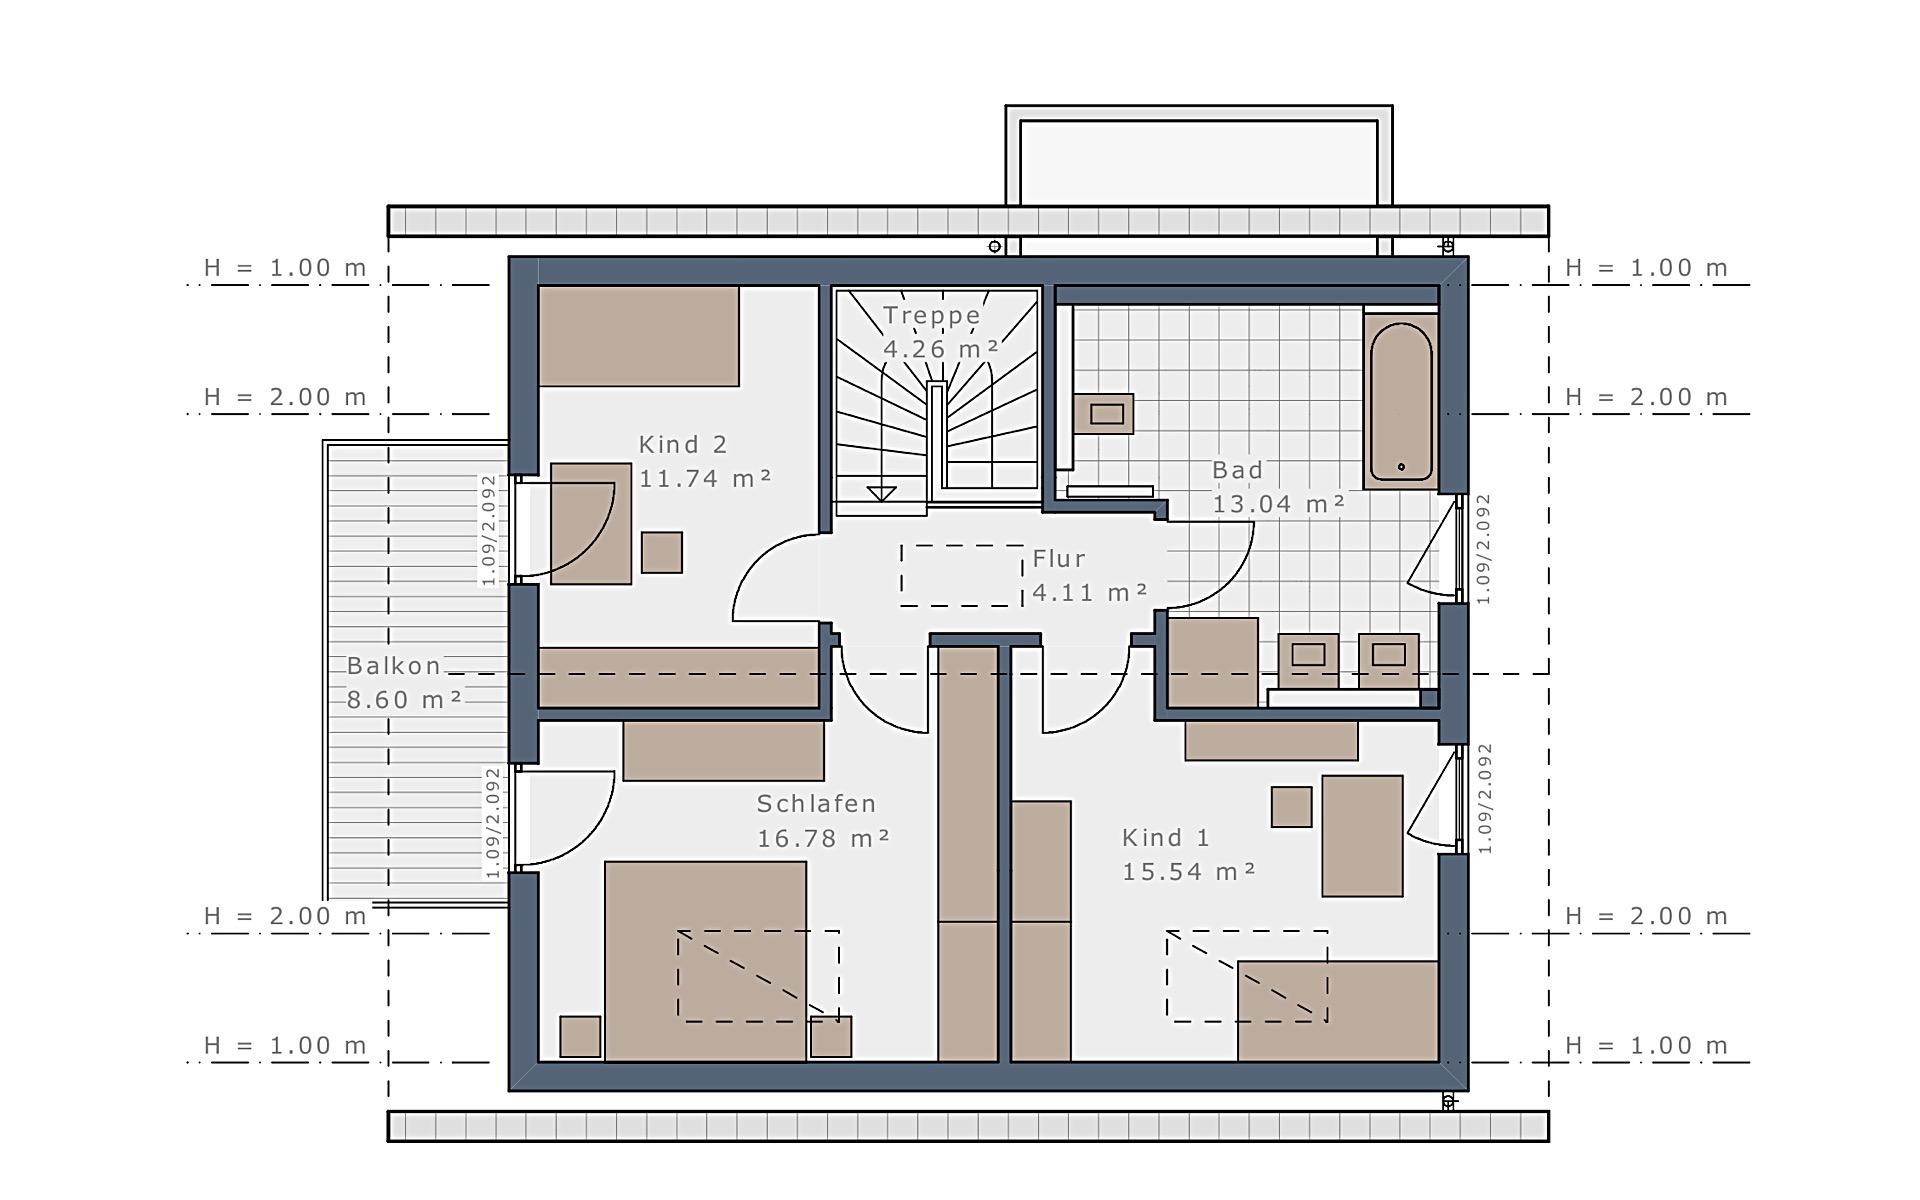 Dachgeschoss Sensation-E-132 E1 von Schwabenhaus GmbH & Co. KG